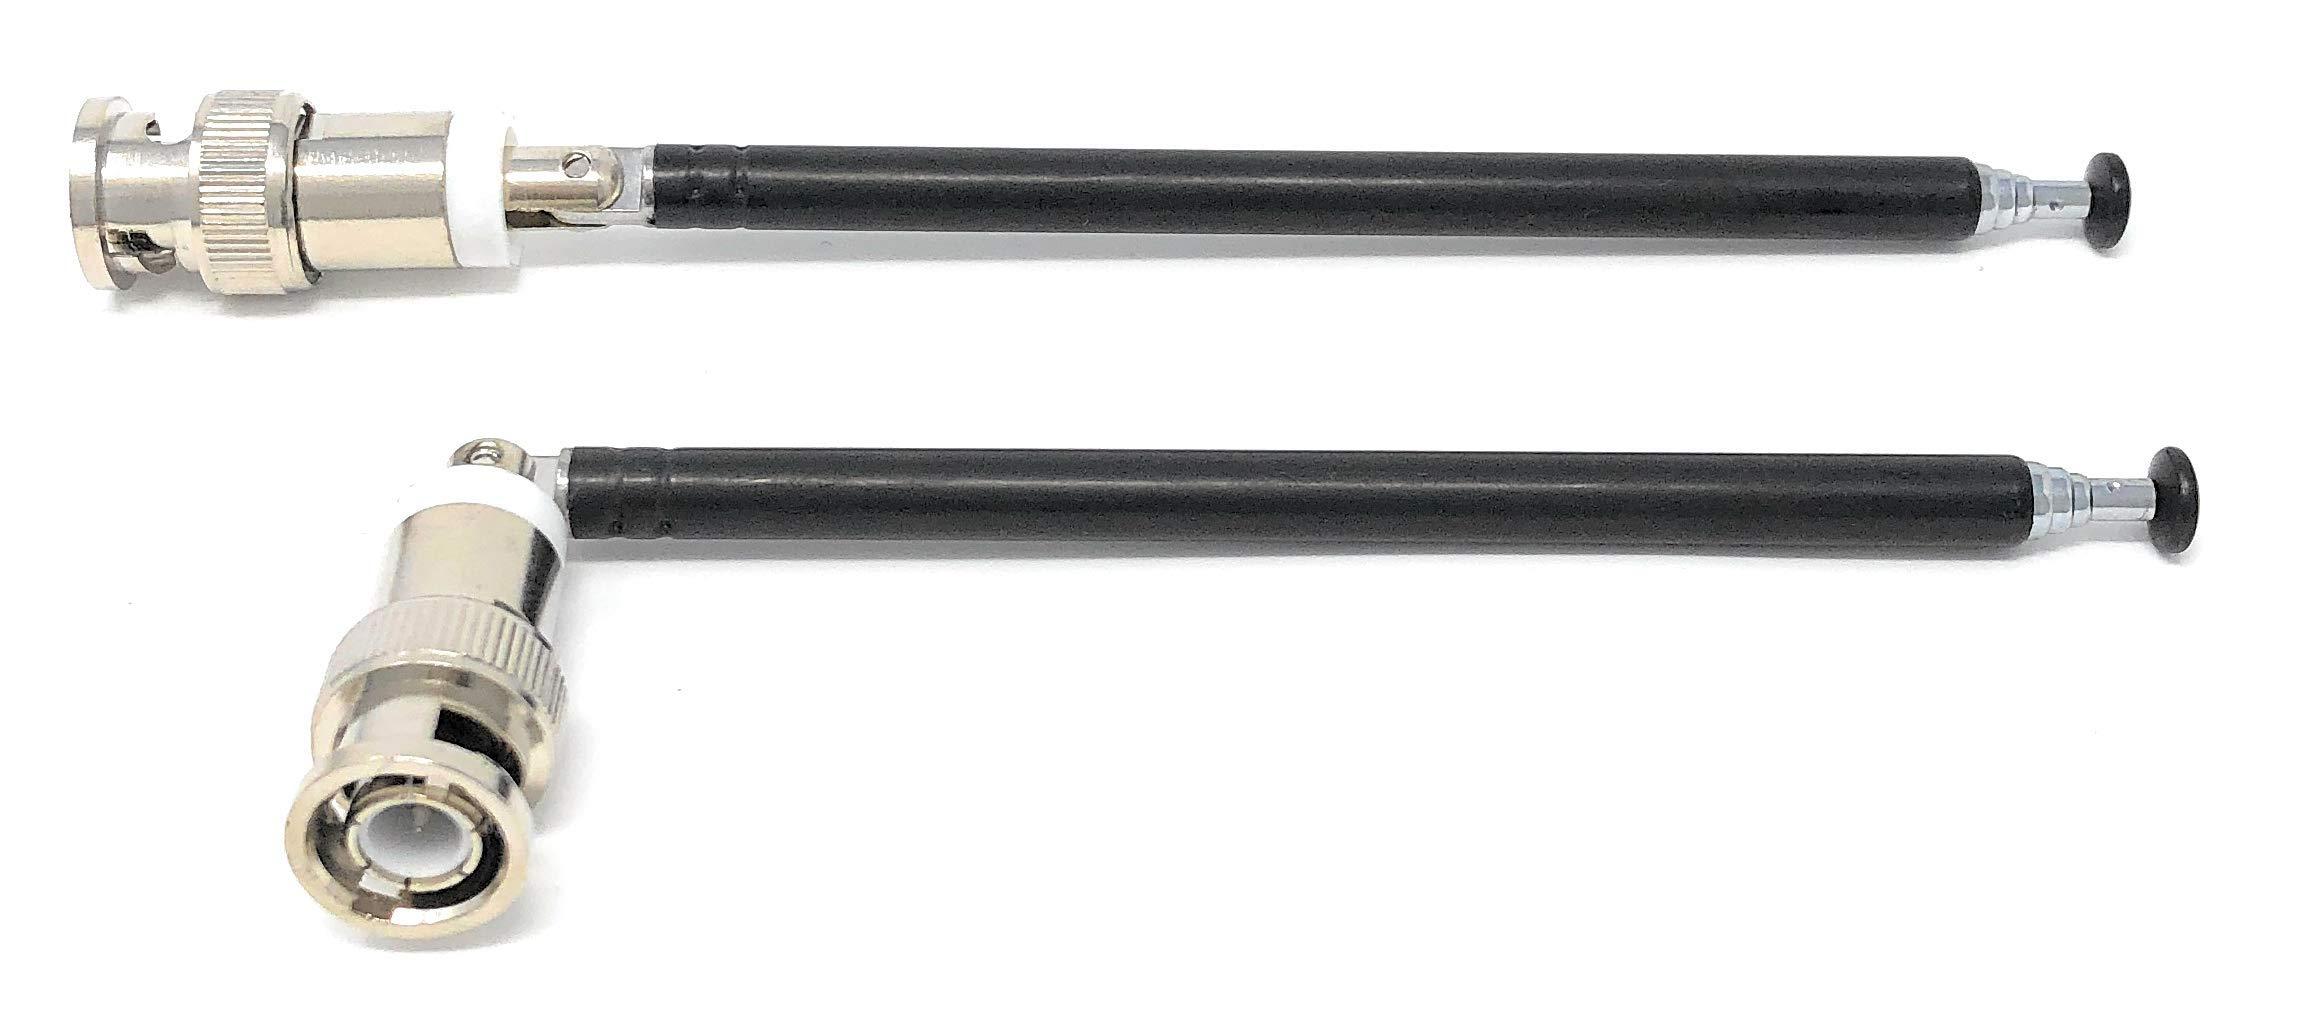 onlineservice usa Telescopic Antennas Connectors Portable